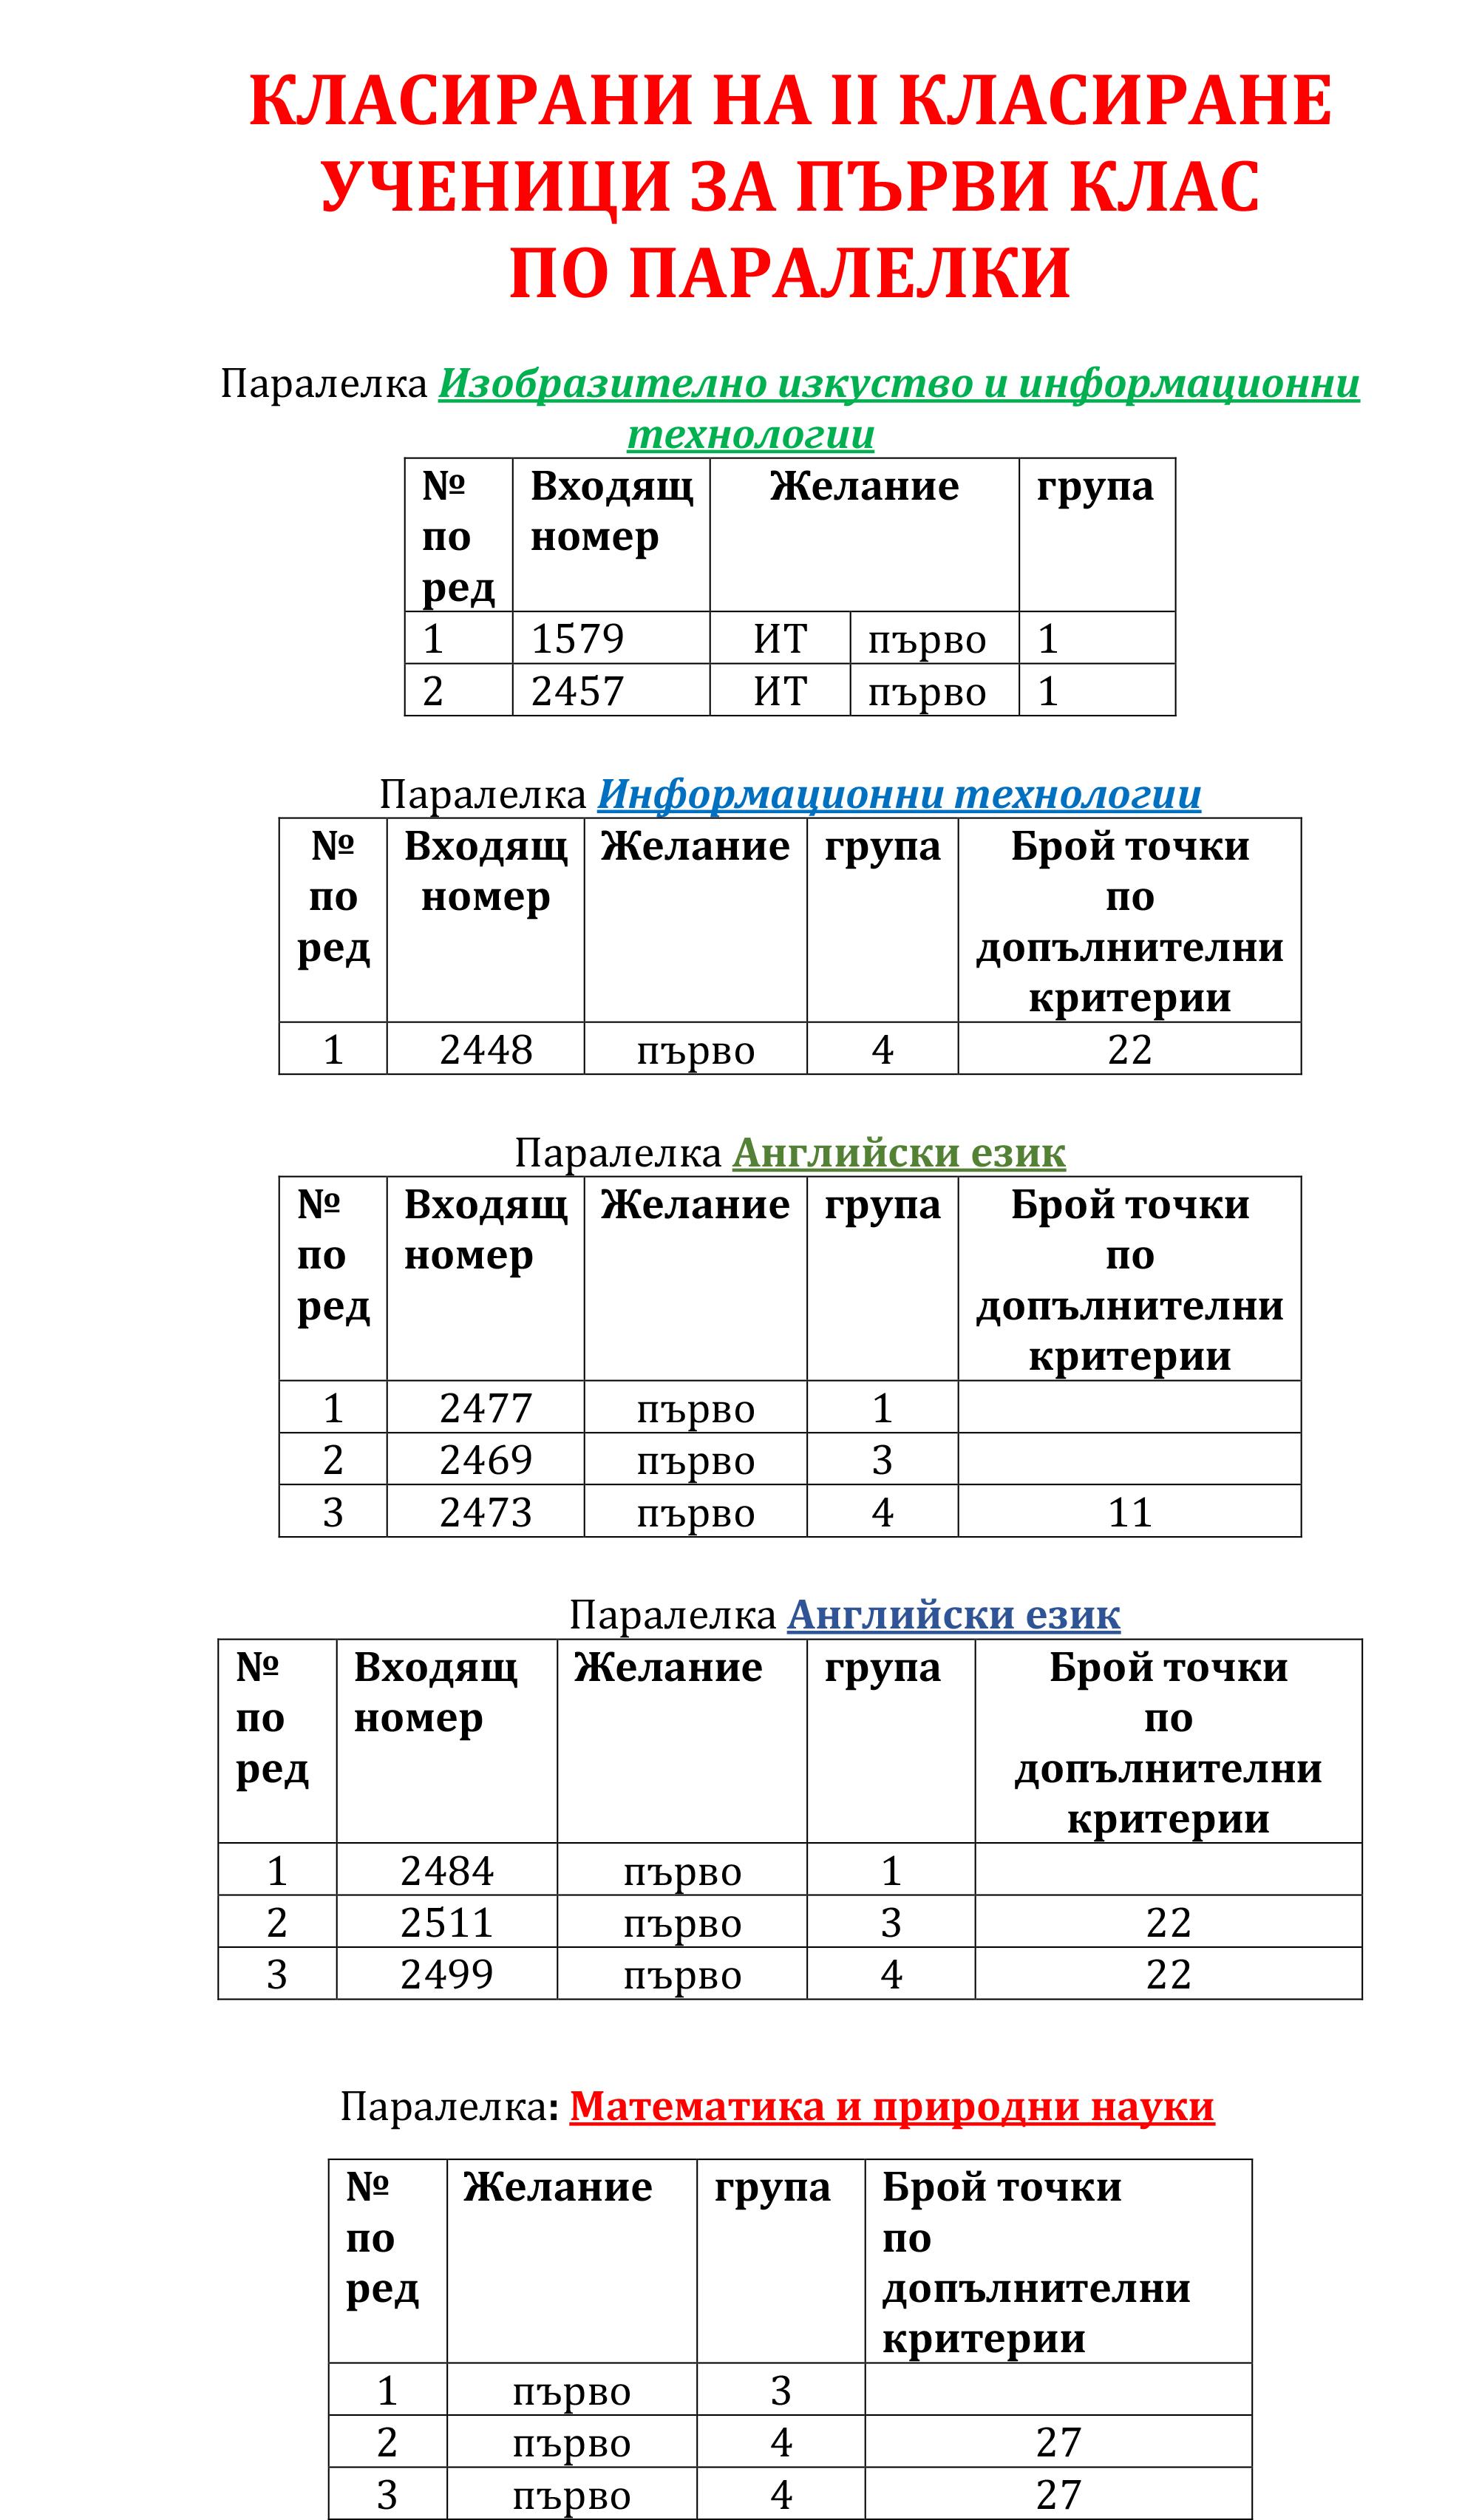 зА САЙТА-1